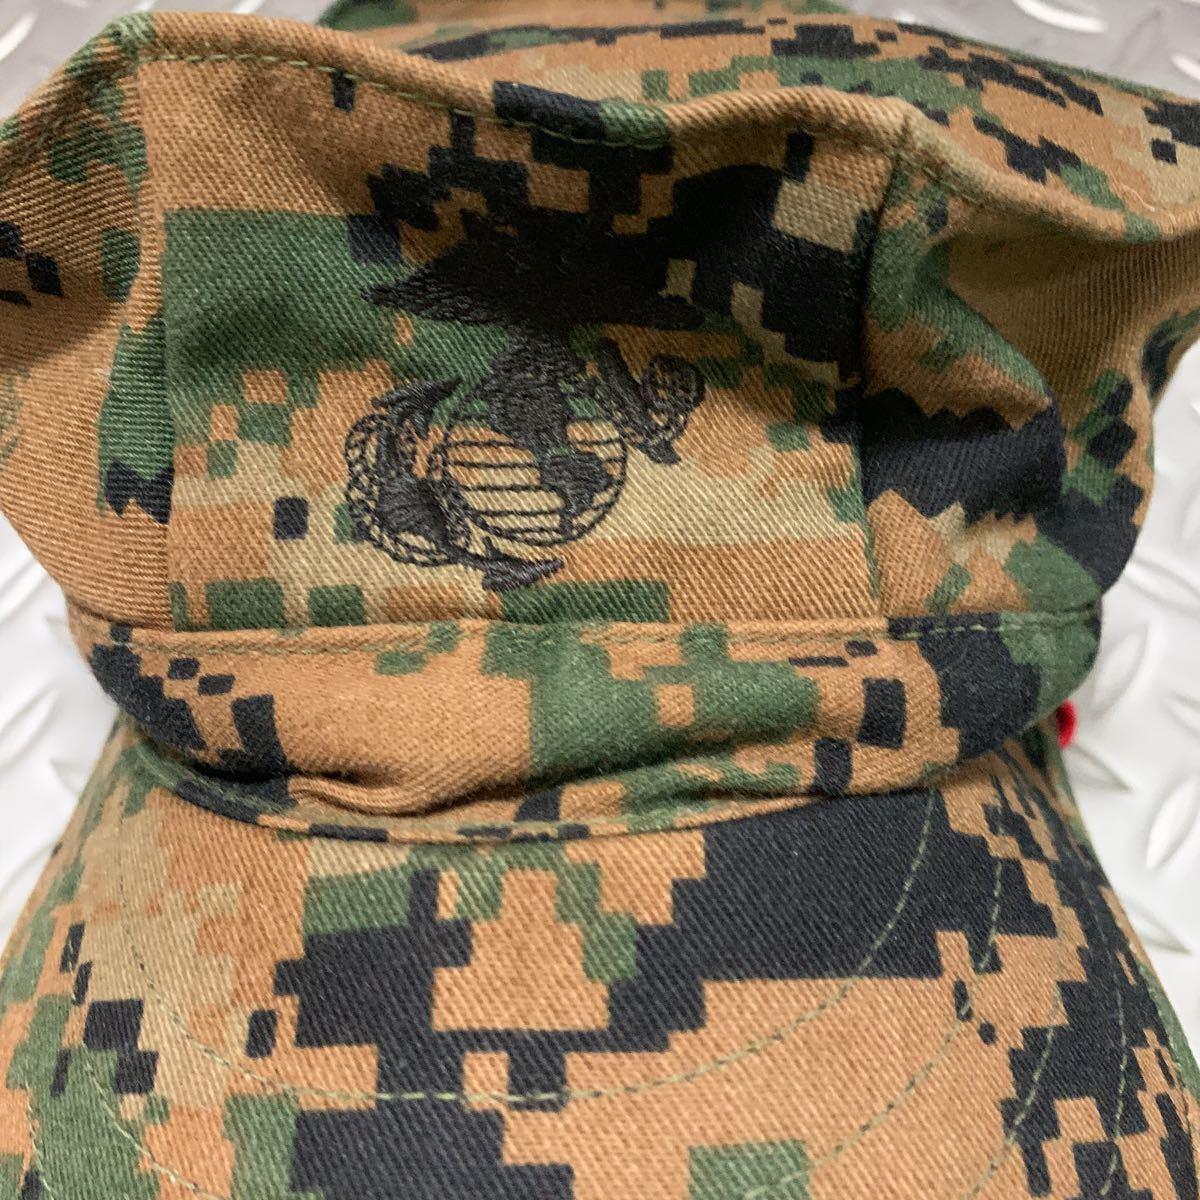 米軍 実物 新品 USMC 海兵隊 マーパット 帽子 サイズ L ミリタリーキャップ パトロールキャップ _画像2